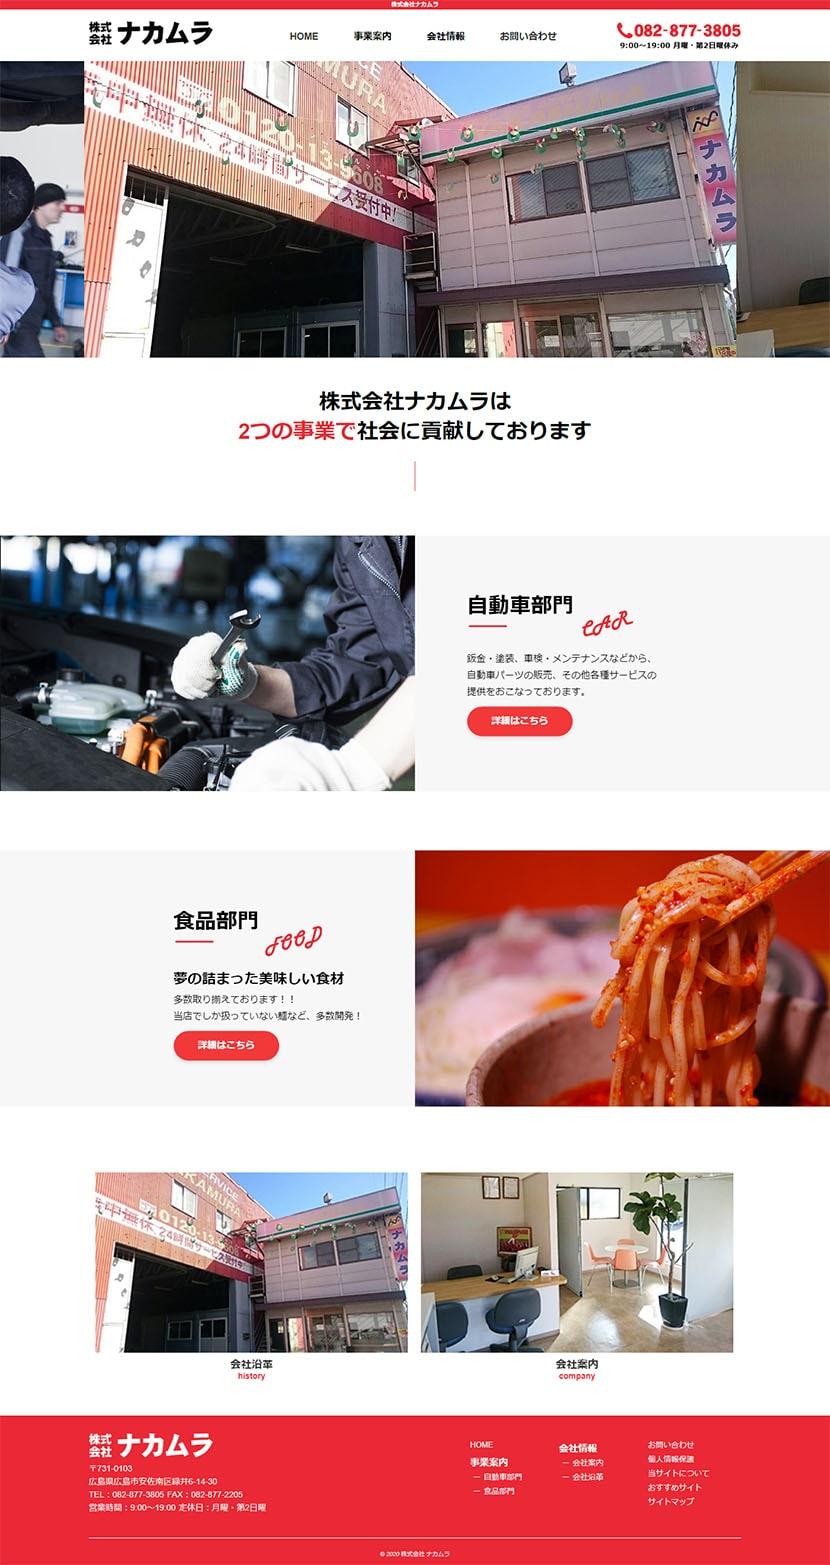 株式会社 ナカムラ PC表示